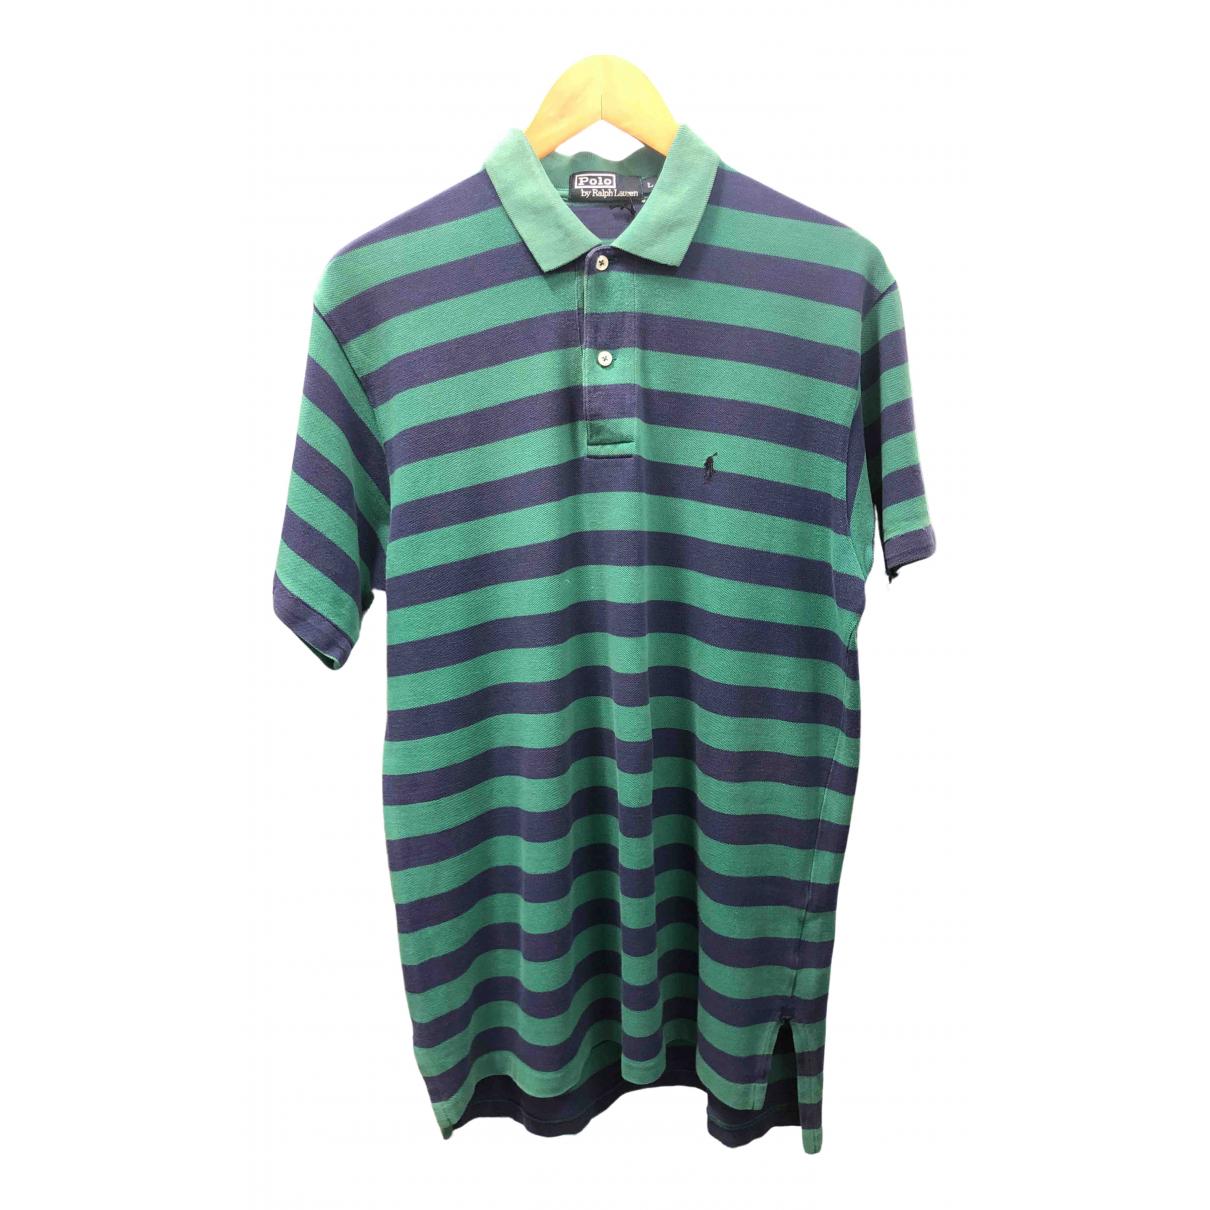 Polo Ralph Lauren - Polos   pour homme en coton - multicolore